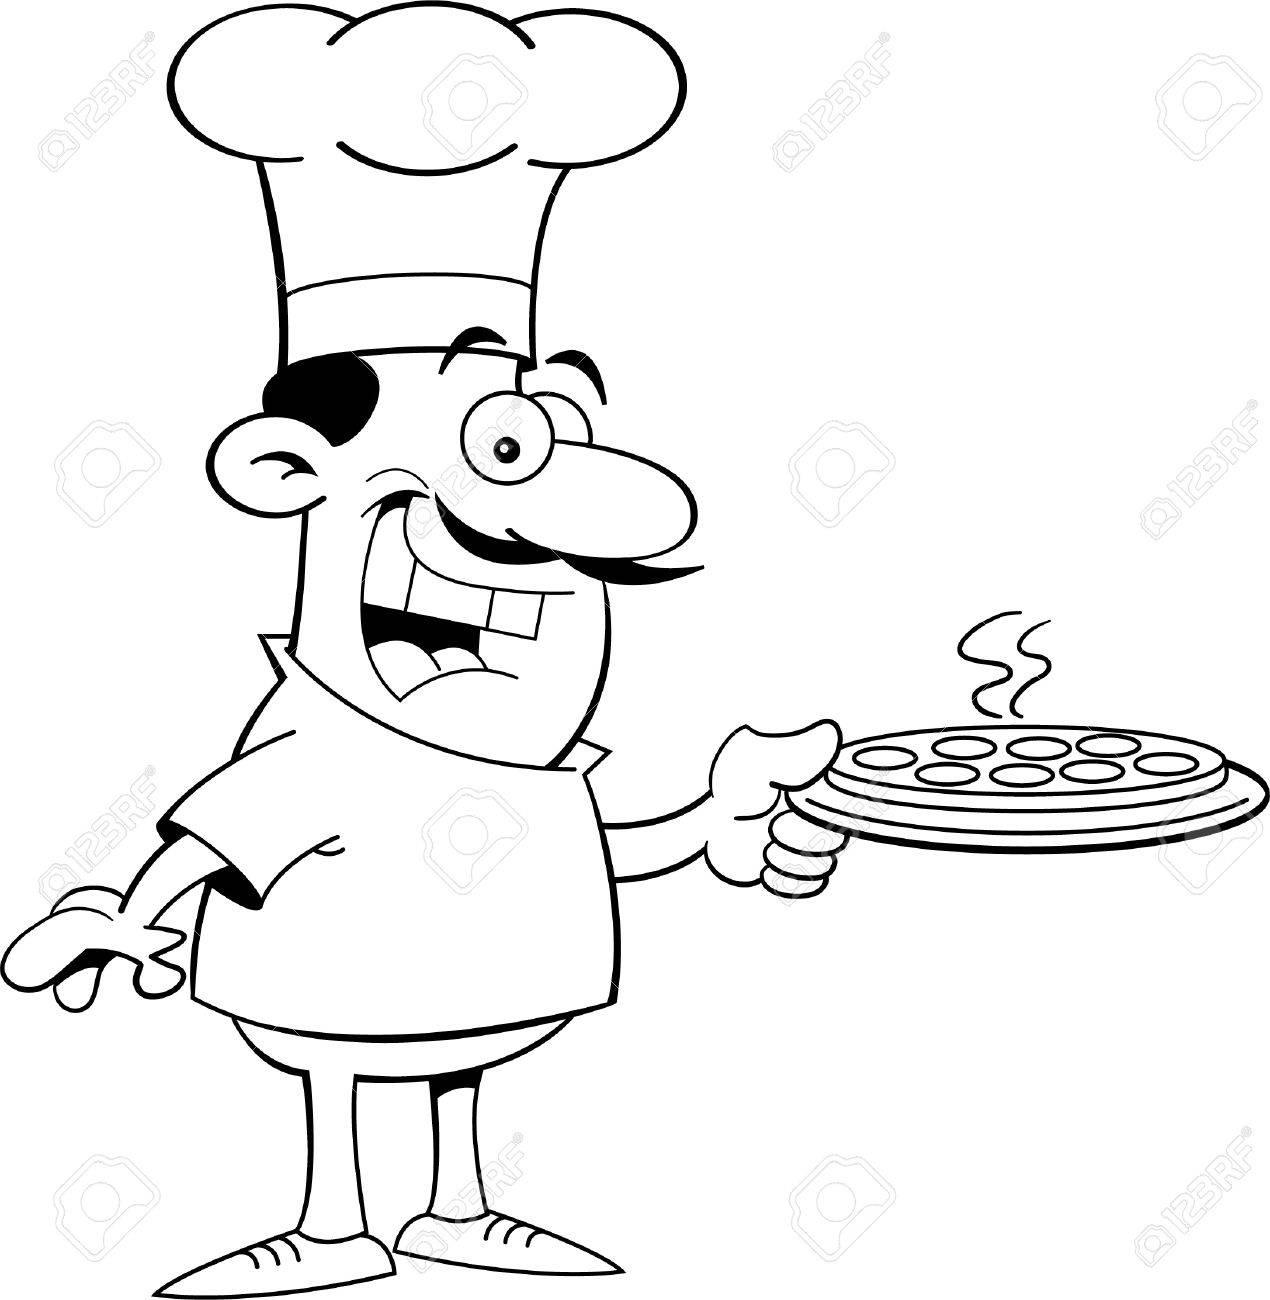 Schwarz Weiß Darstellung Von Einem Koch Hält Eine Pizza Lizenzfrei